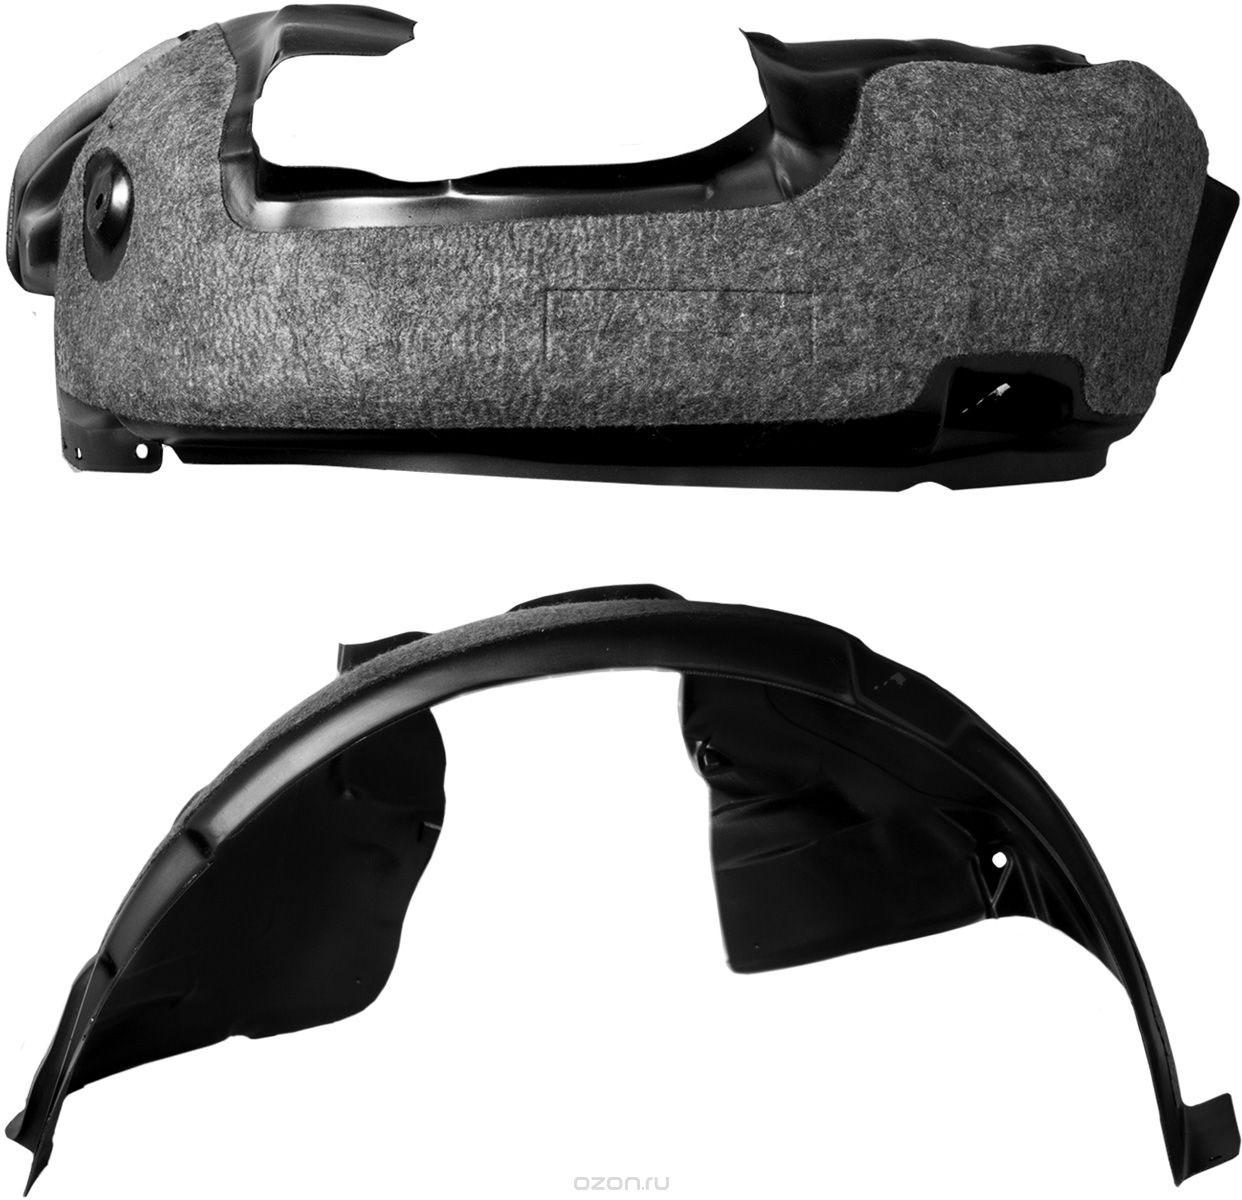 Подкрылок Novline-Autofamily с шумоизоляцией, для Mitsubishi Outlander, 2015->, задний левыйNLS.35.31.003Идеальная защита колесной ниши. Локеры разработаны с применением цифровых технологий, гарантируют максимальную повторяемость поверхности арки. Изделия устанавливаются без нарушения лакокрасочного покрытия автомобиля, каждый подкрылок комплектуется крепежом. Уважаемые клиенты, обращаем ваше внимание, что фотографии на подкрылки универсальные и не отражают реальную форму изделия. При этом само изделие идет точно под размер указанного автомобиля.